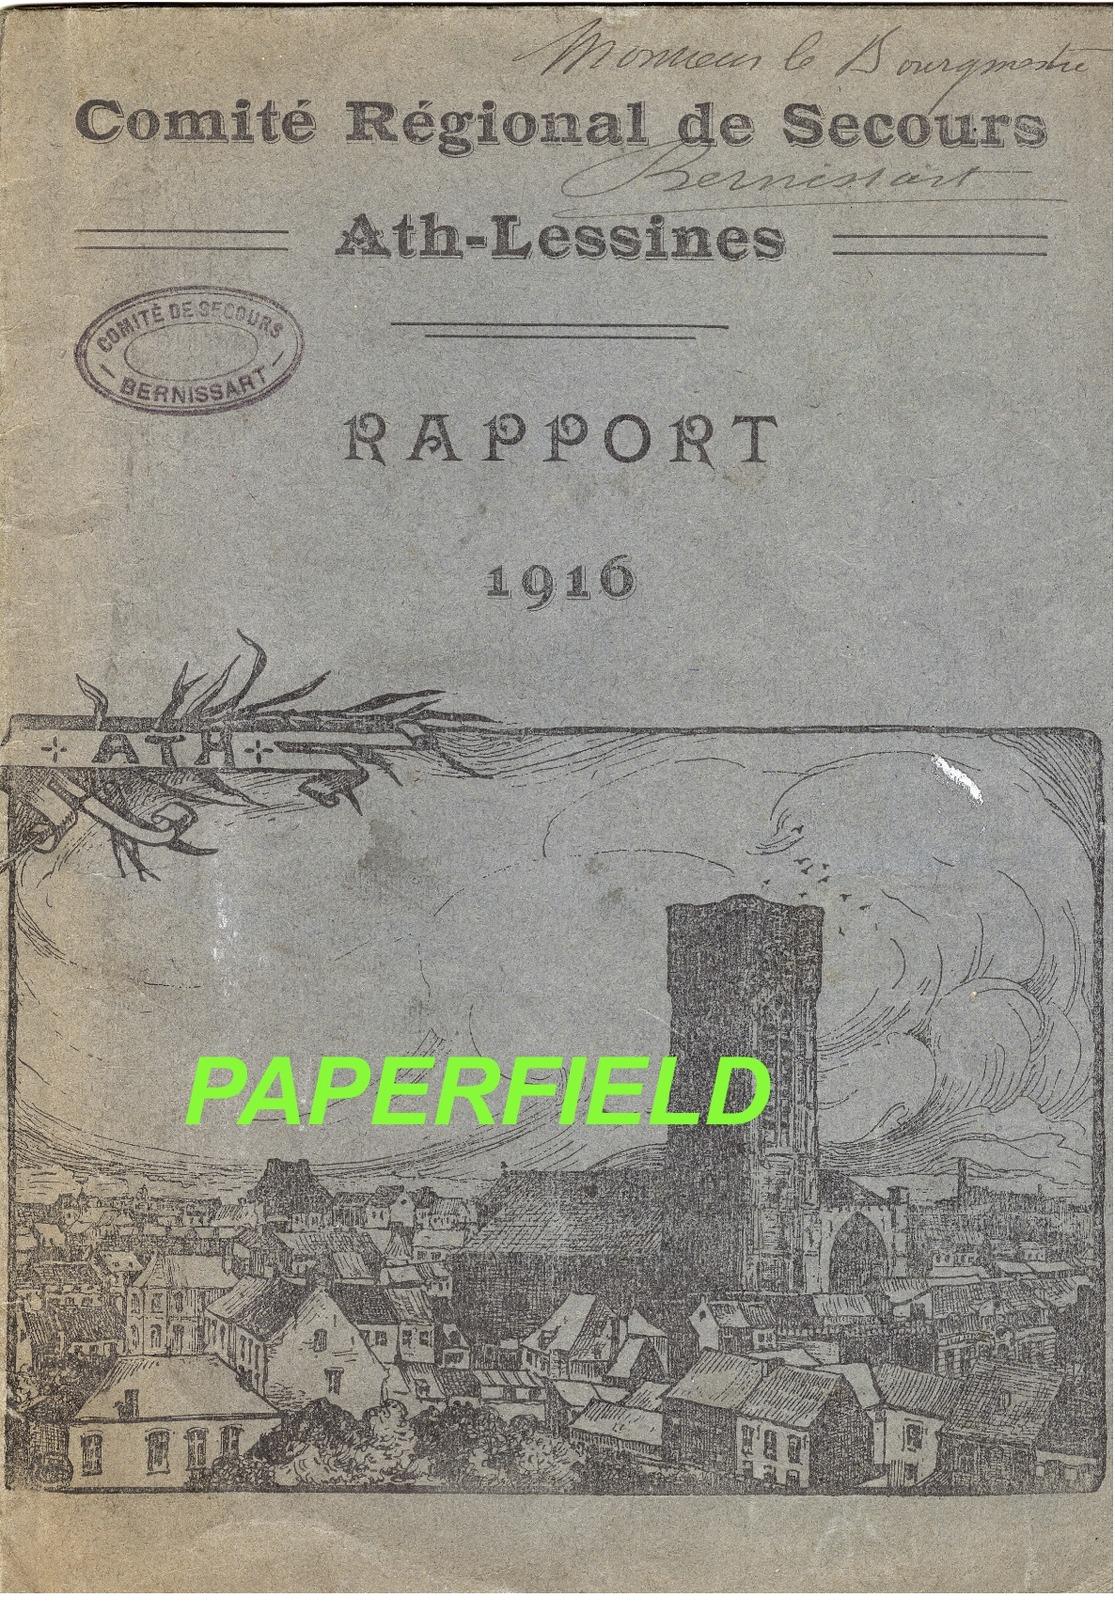 Comité Régional De Secours -ATH-LESSINES- Rapport 1916 - Exemplaire De BERNISSART- Concerne 74 Communes (V. Texte) - Historical Documents